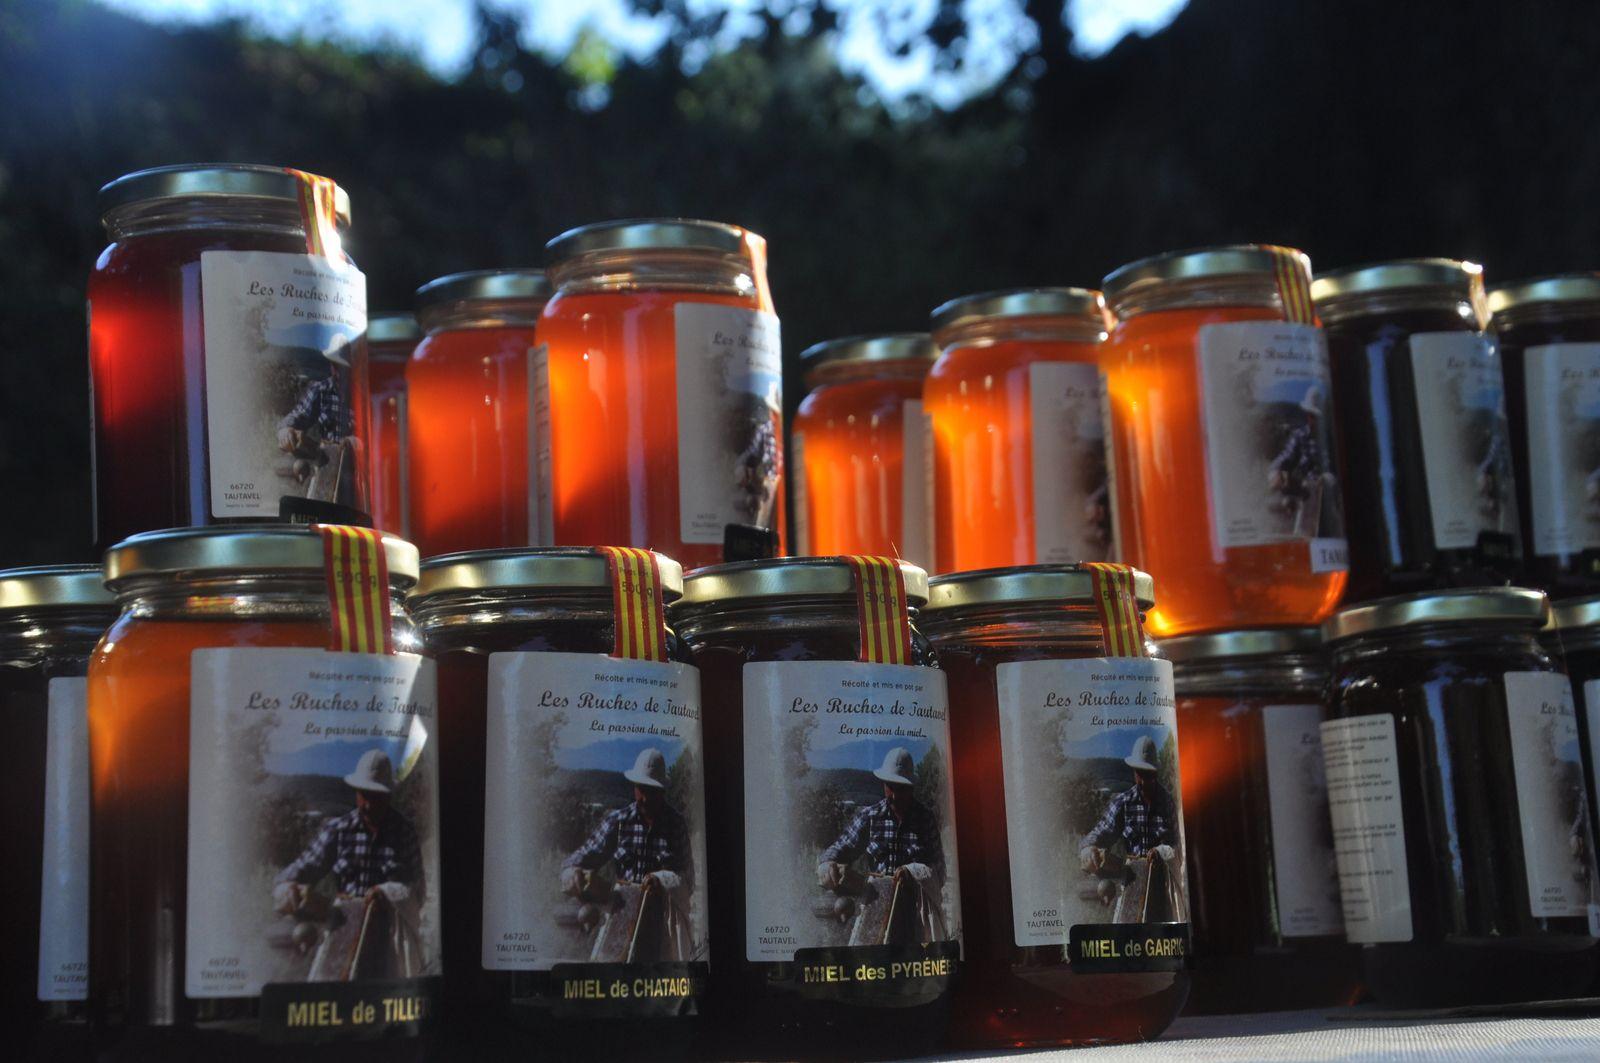 Les miels.